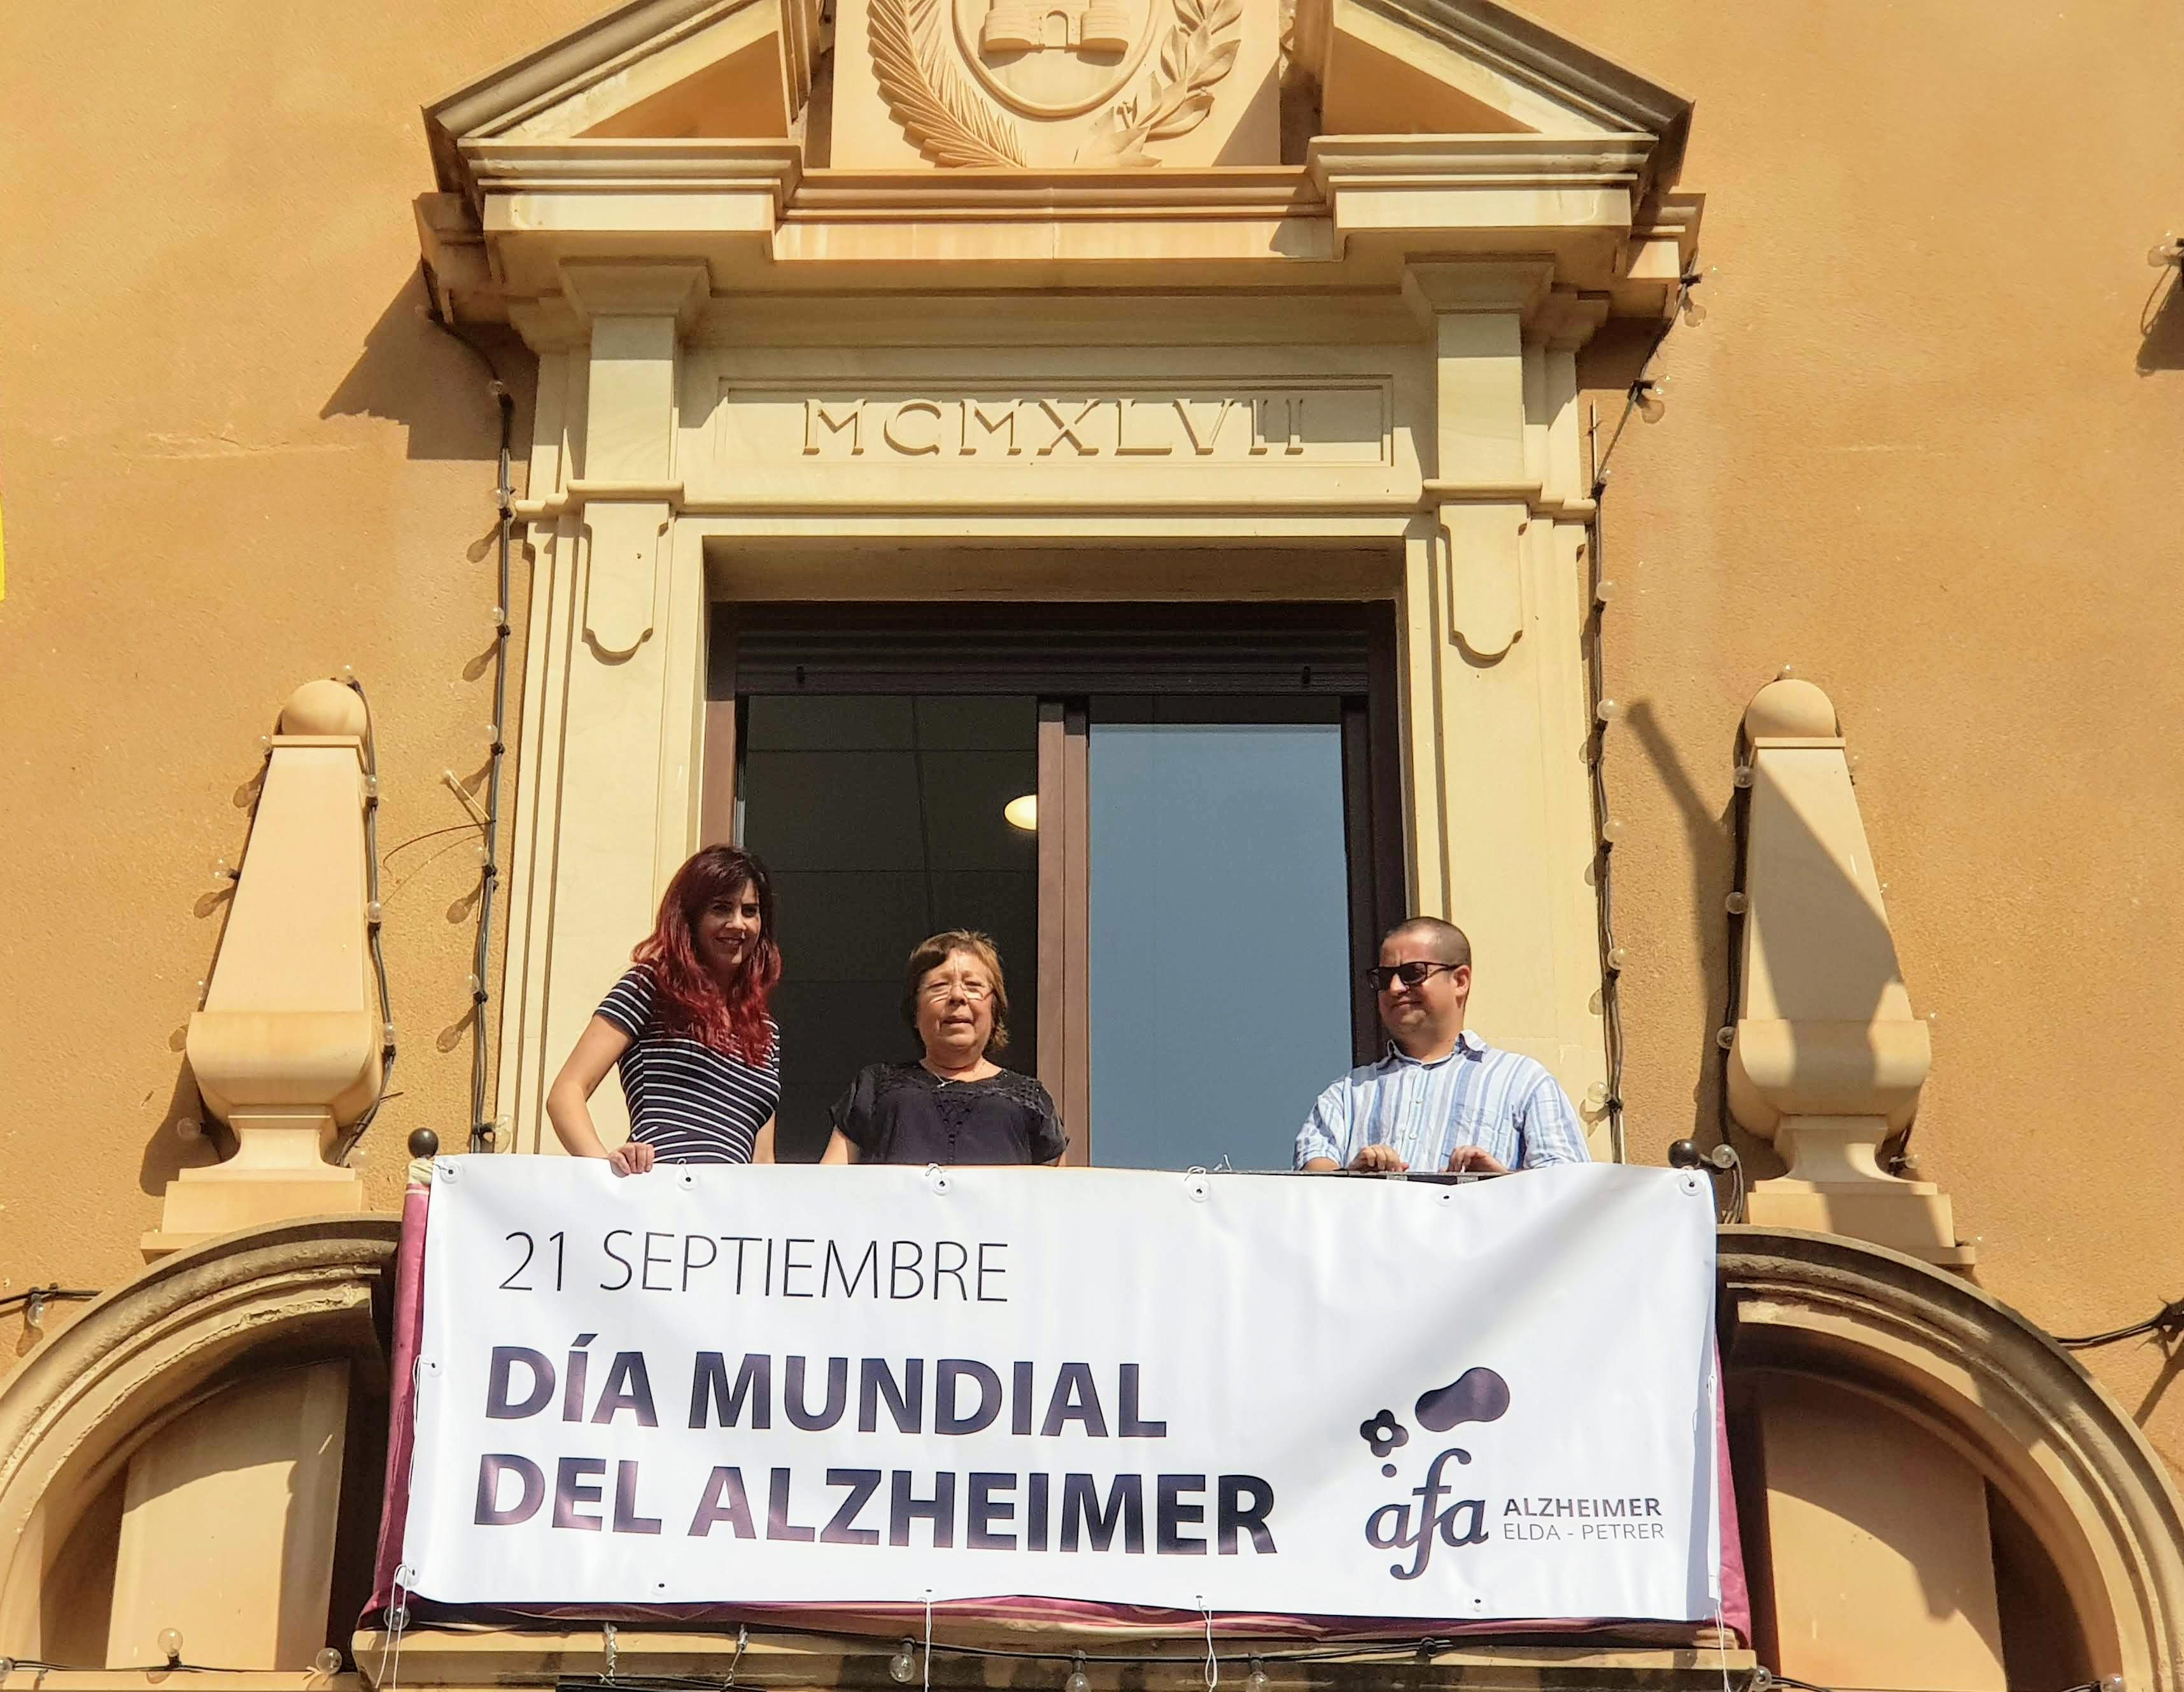 El Ayuntamiento de Elda se suma a los actos del Día Mundial del Alzheimer con la colocación de una pancarta en el balcón consistorial